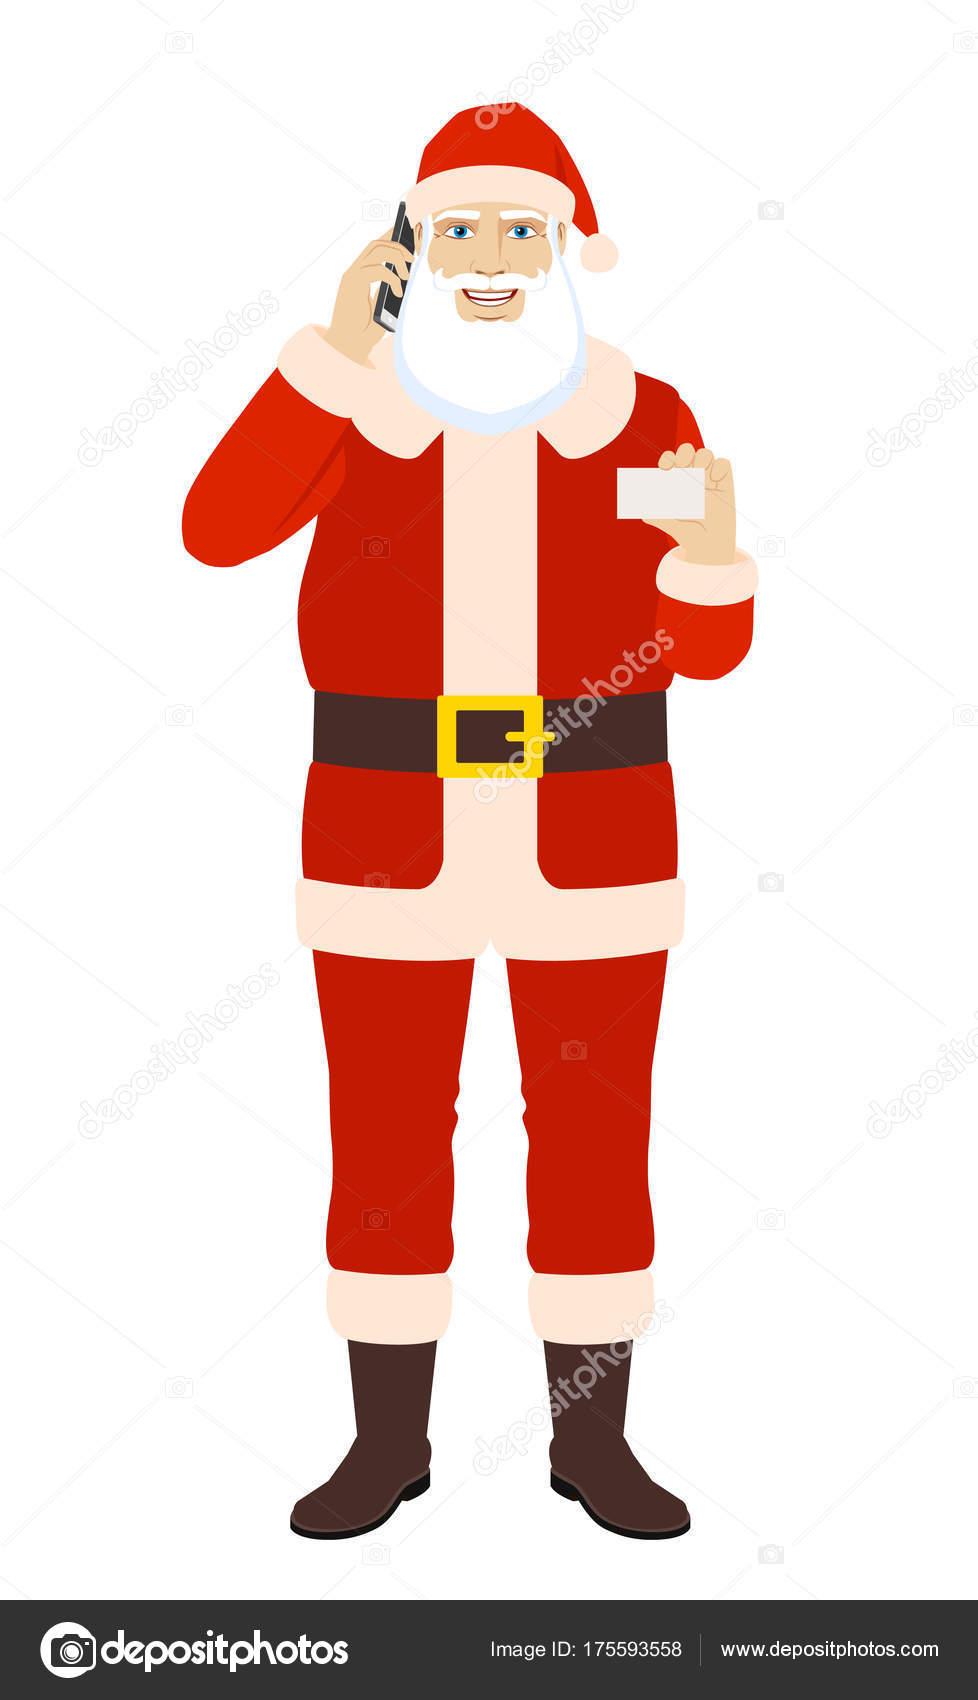 Santa Claus Parler Au Tlphone Mobile Et Affichage De La Carte Visite Portrait Pleine Longueur Du Pre Nol Dans Un Style Plat